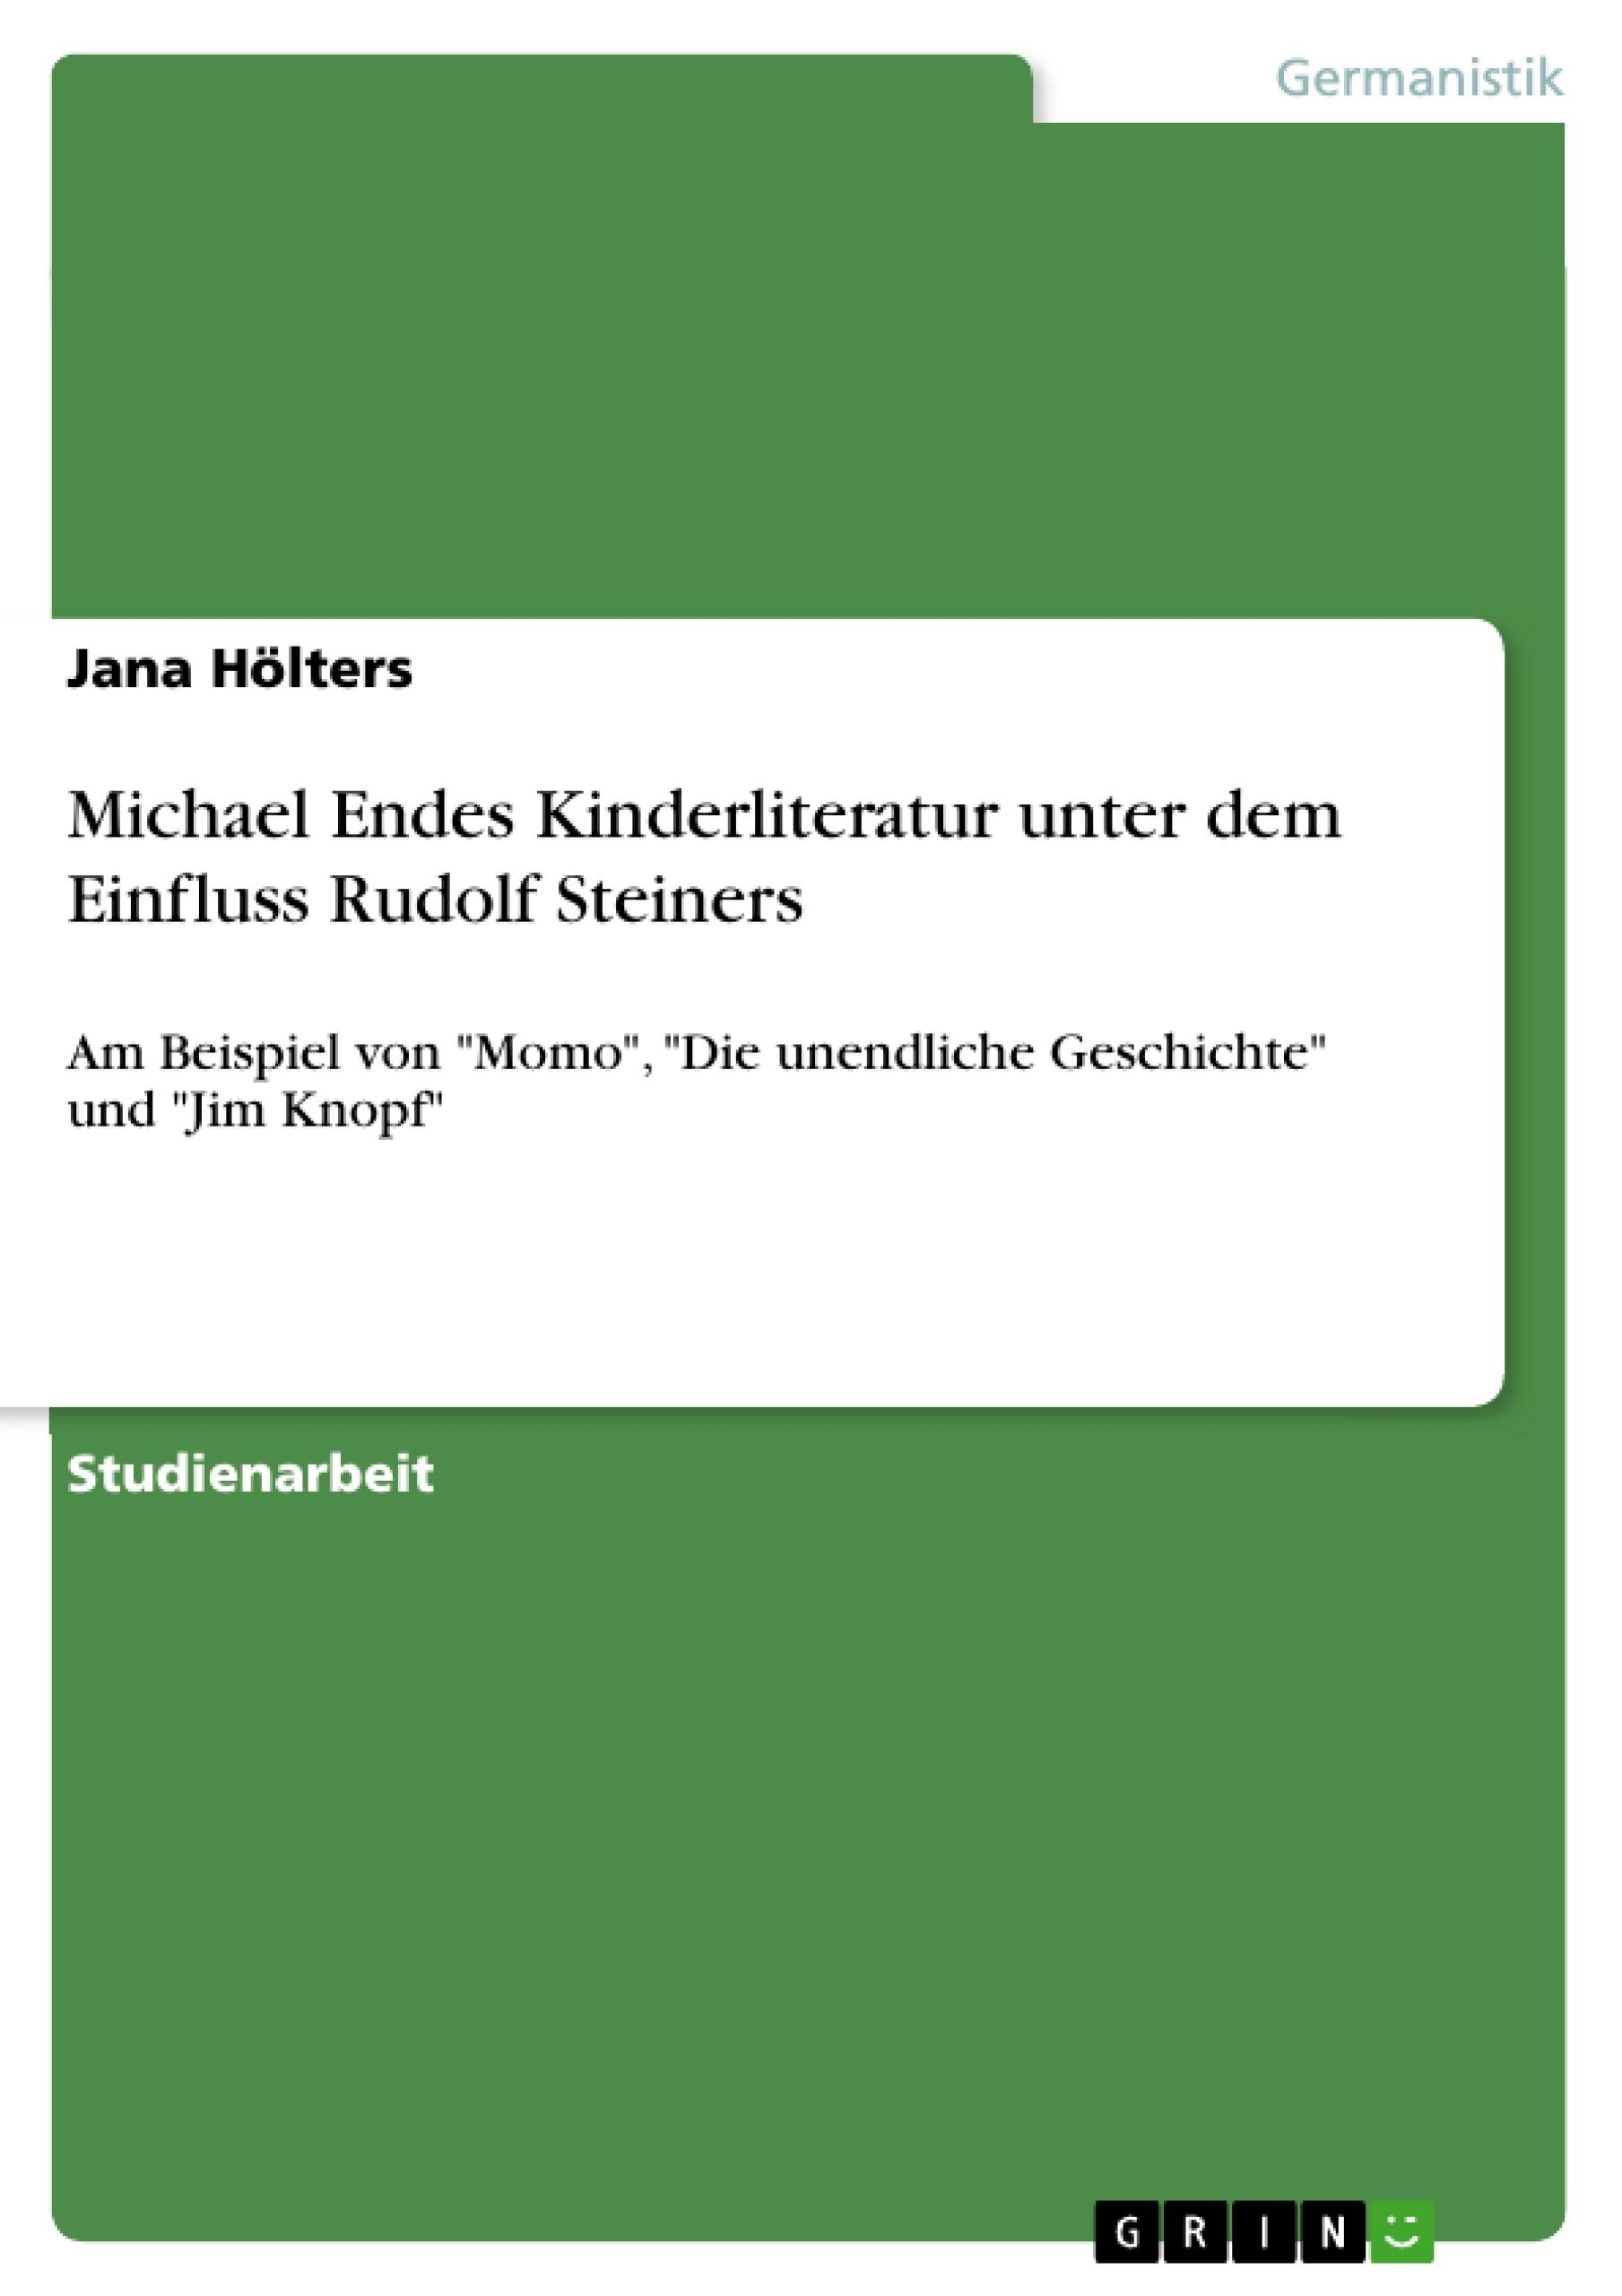 Titel: Michael Endes Kinderliteratur unter dem Einfluss Rudolf Steiners